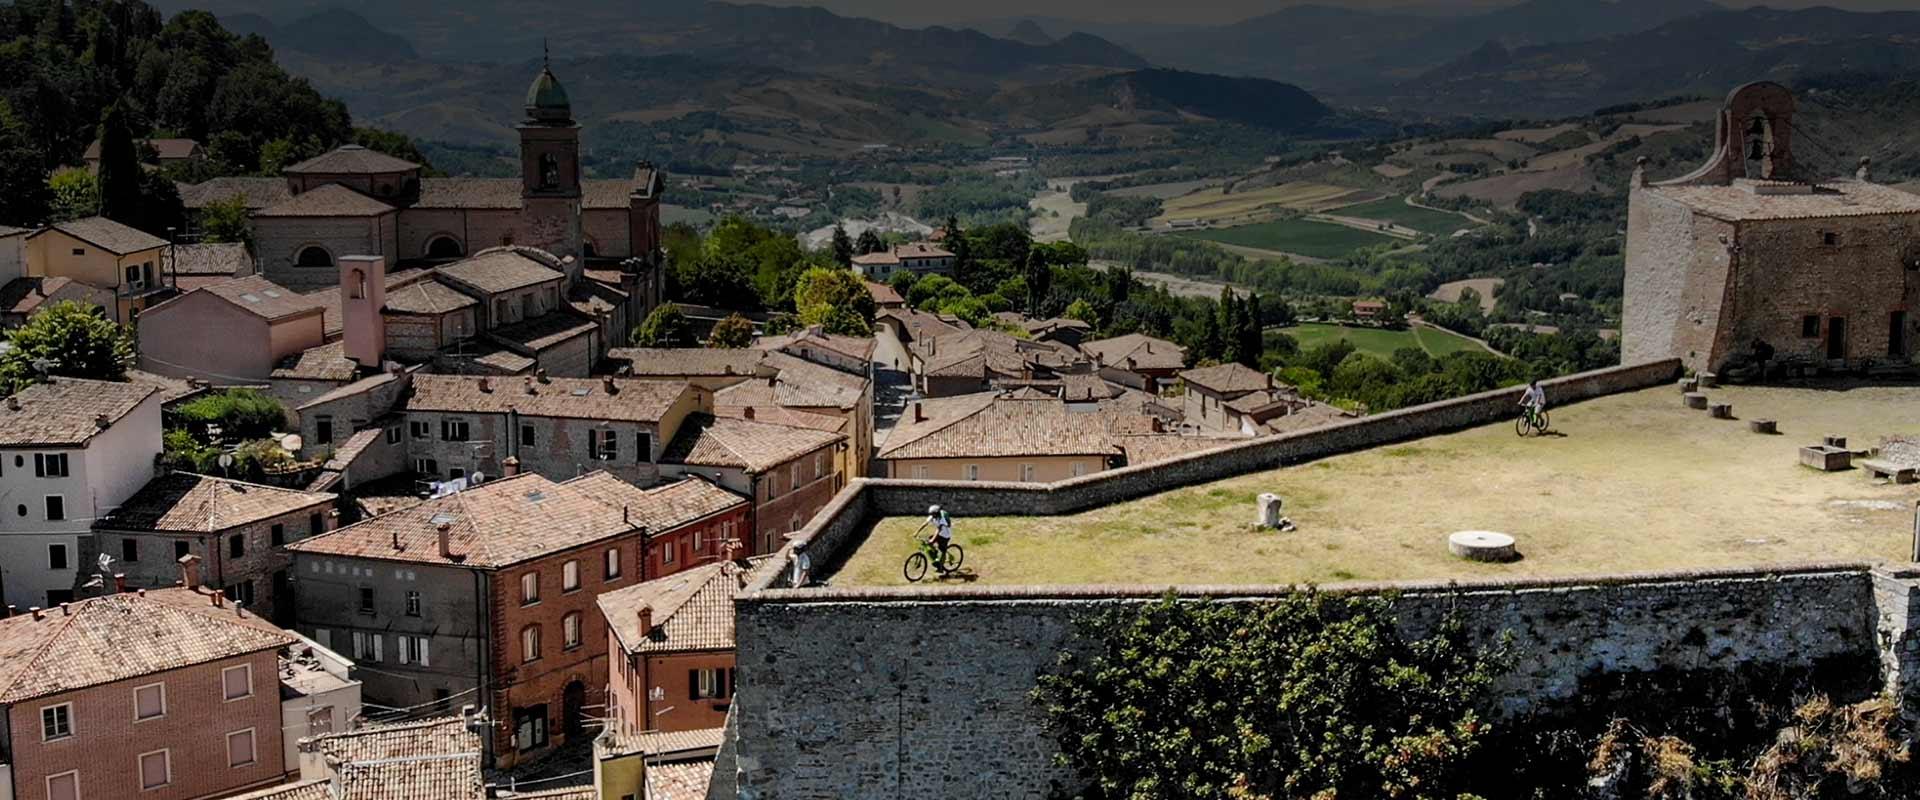 Valmarecchia e Verucchio e-Bike Tour: da 0 a 300 in mezza giornata